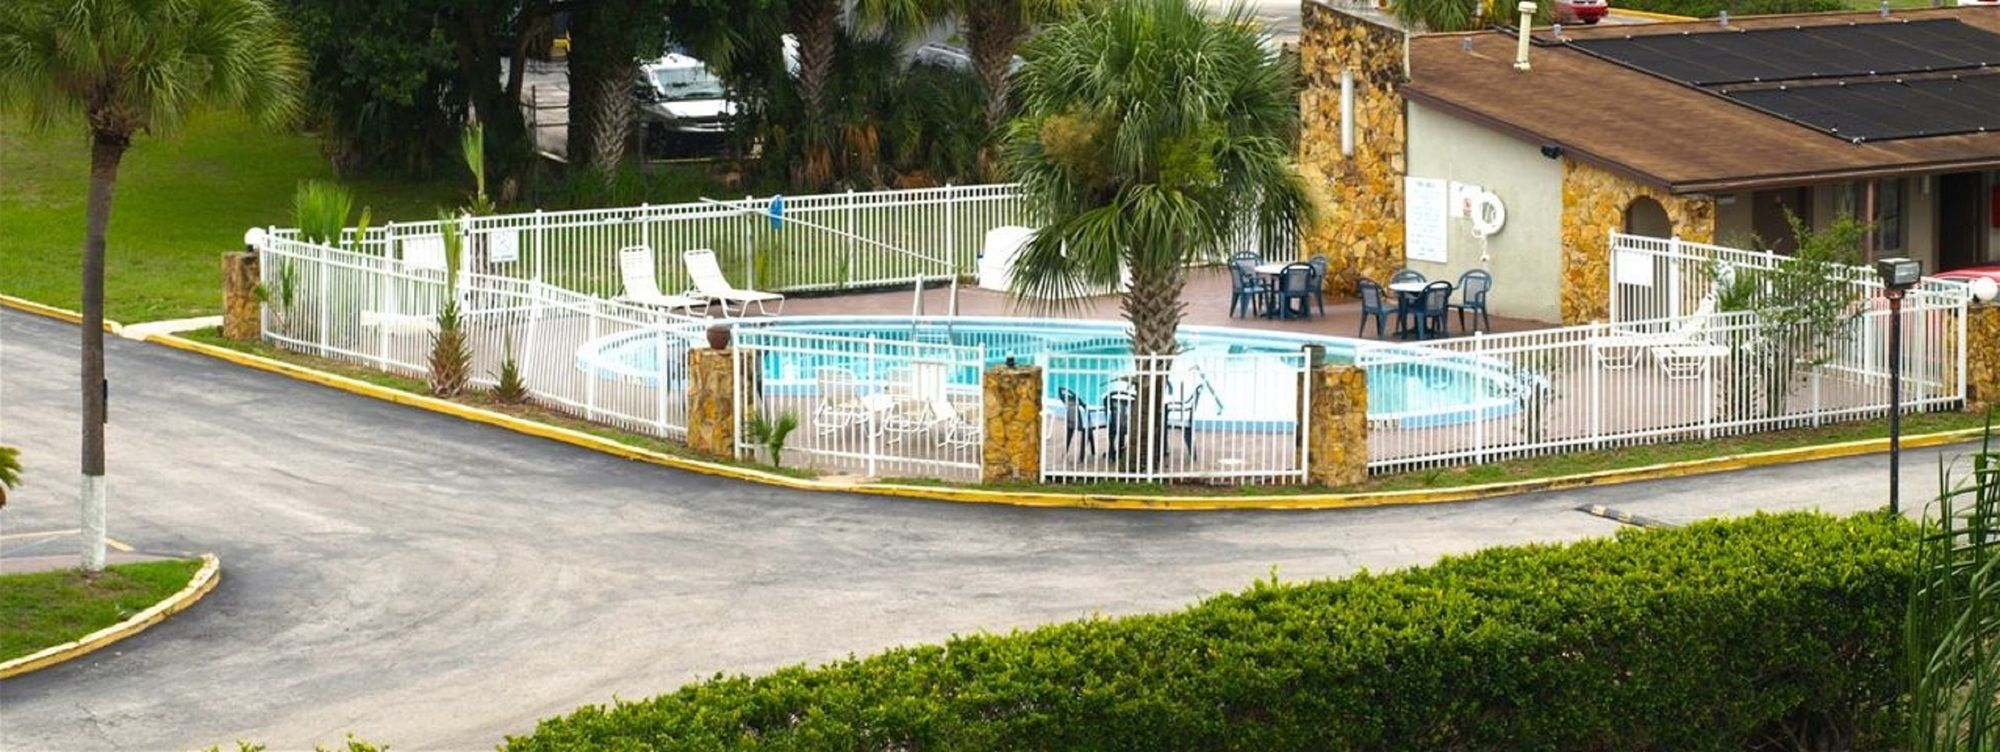 Knights Inn in Kissimmee, FL